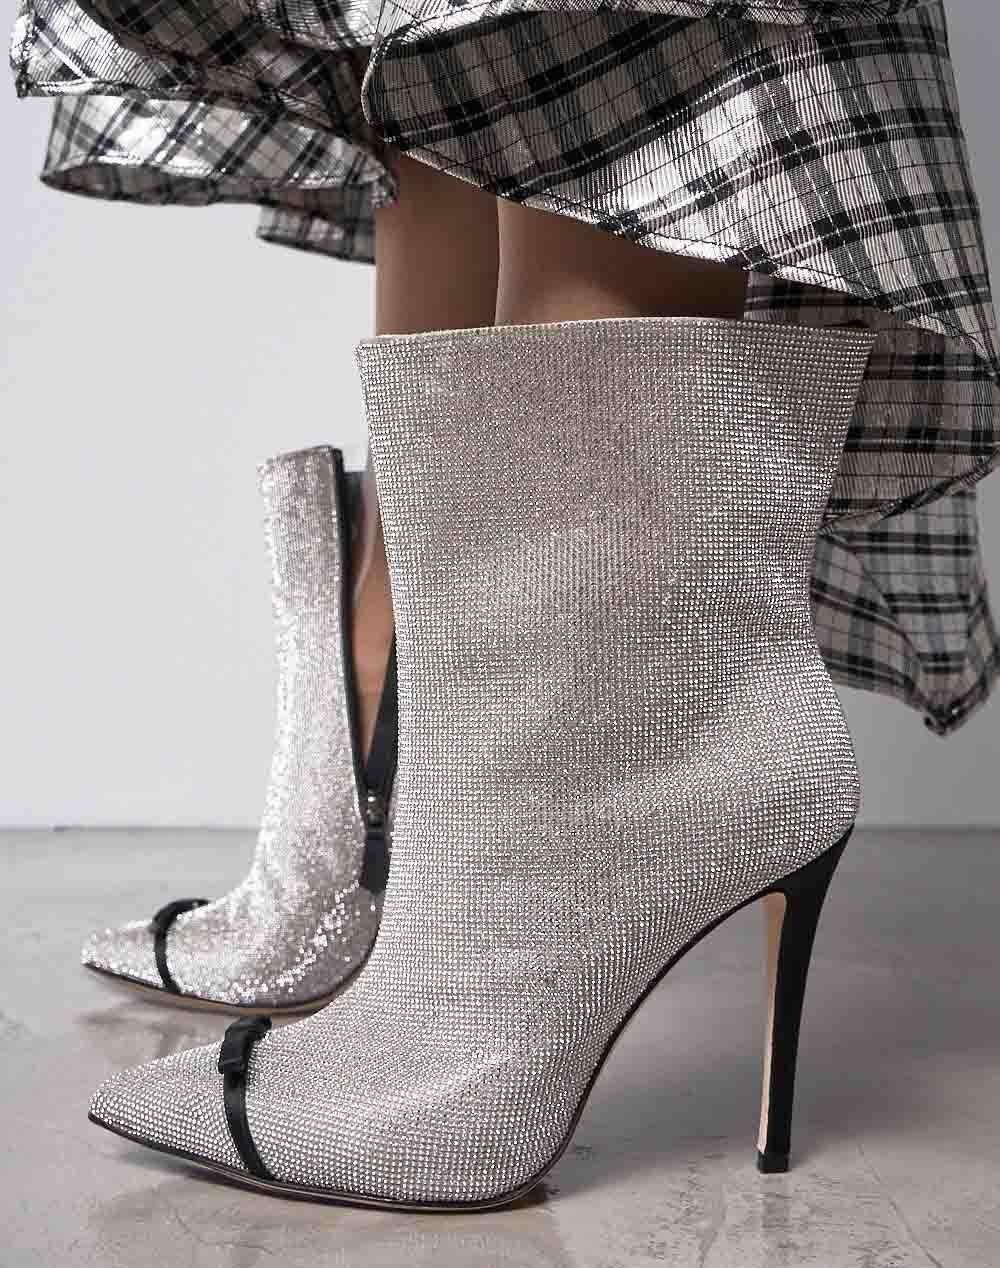 5898cc1cf1a9c0 При цьому в усі часи вважалося, що зовнішній вигляд жінки починається з  взуття. Модельєри стверджують, що будь-яке, ...